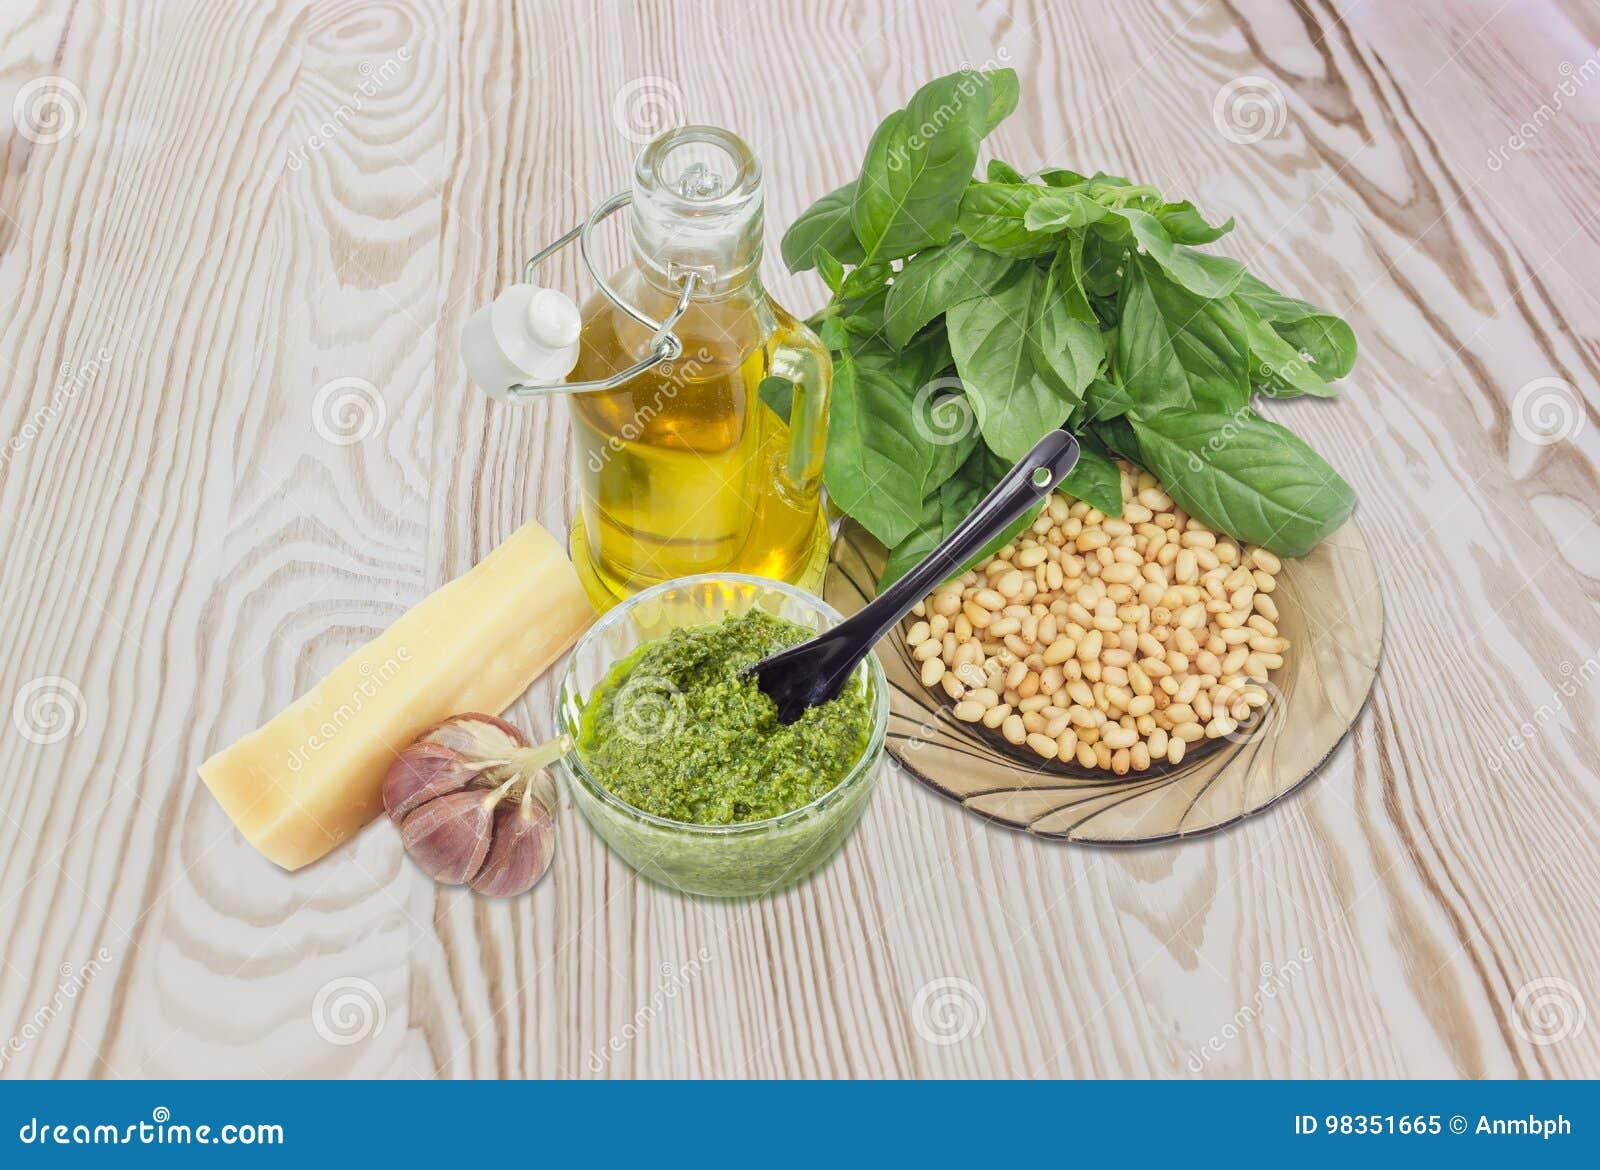 Raw Food Pesto Sauce Recipe